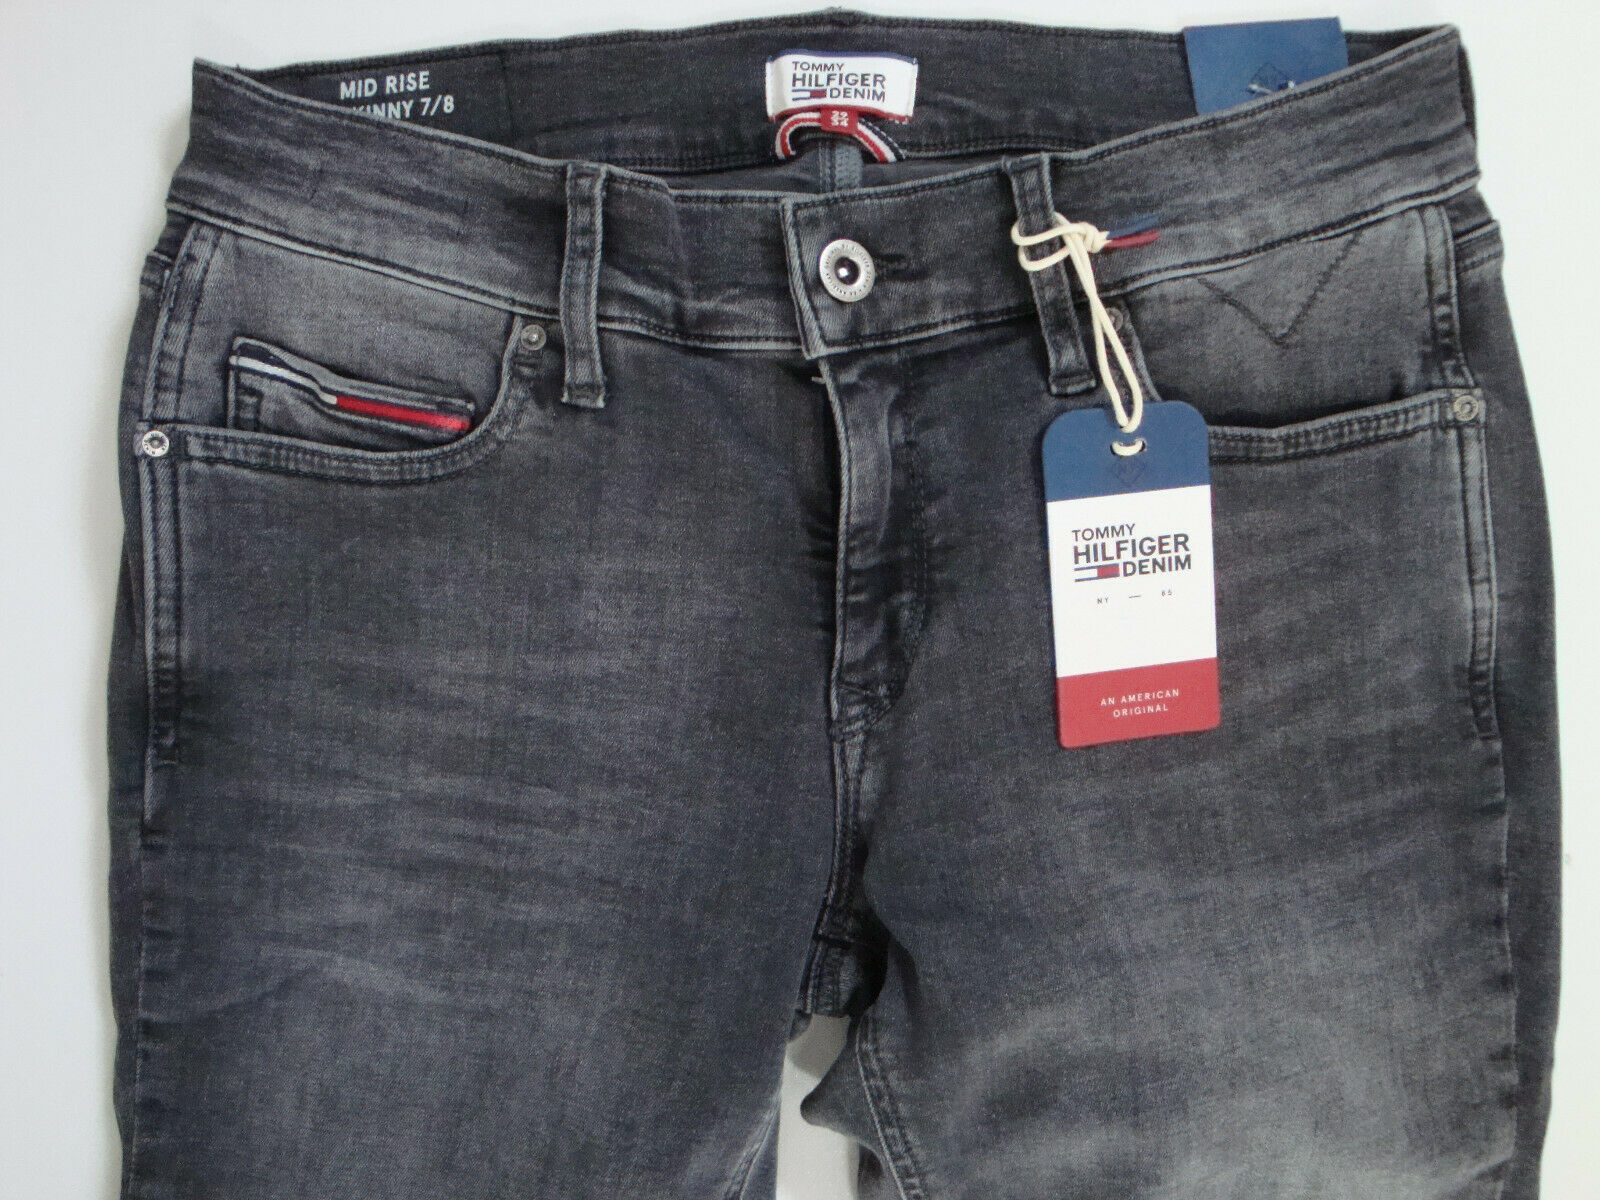 TOMMY HILFIGER  Jeans  MID RISE SKINNY 7 8  NORA  Grau  W26 W30 W31 W32 W33  Neu